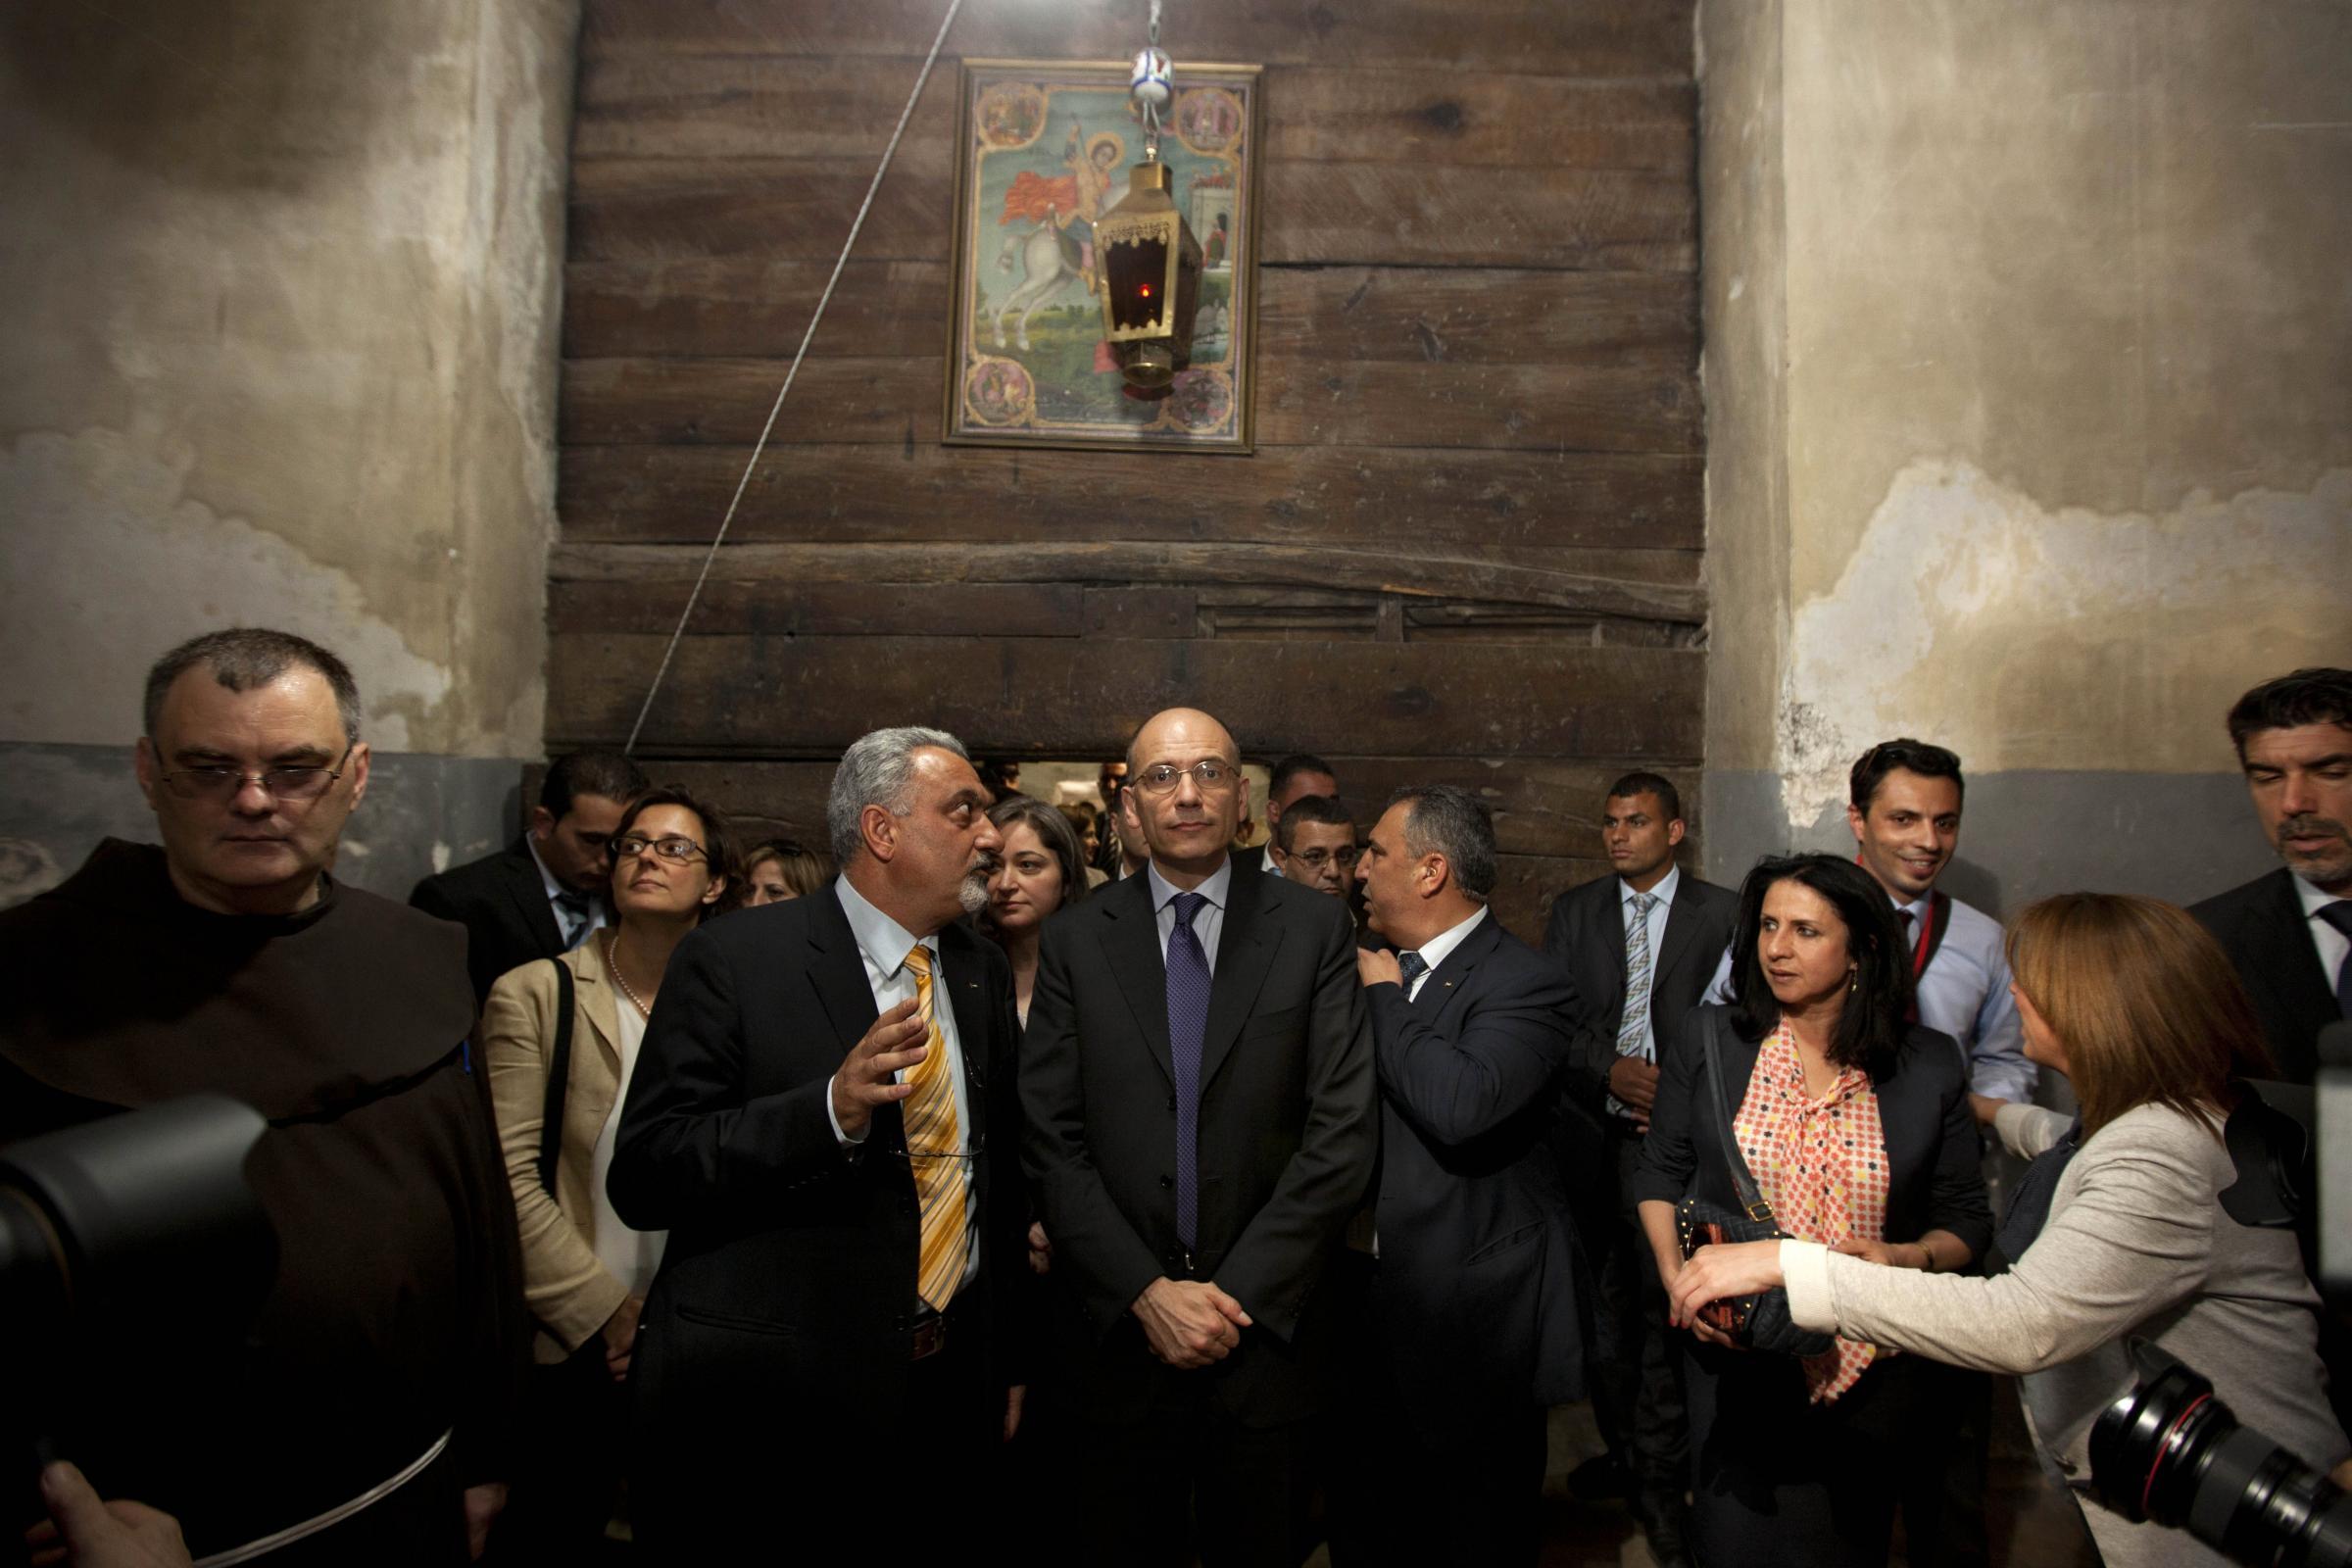 Enrico Letta e Gianna Fregonara visitano la basilica della Natività a Betlemme